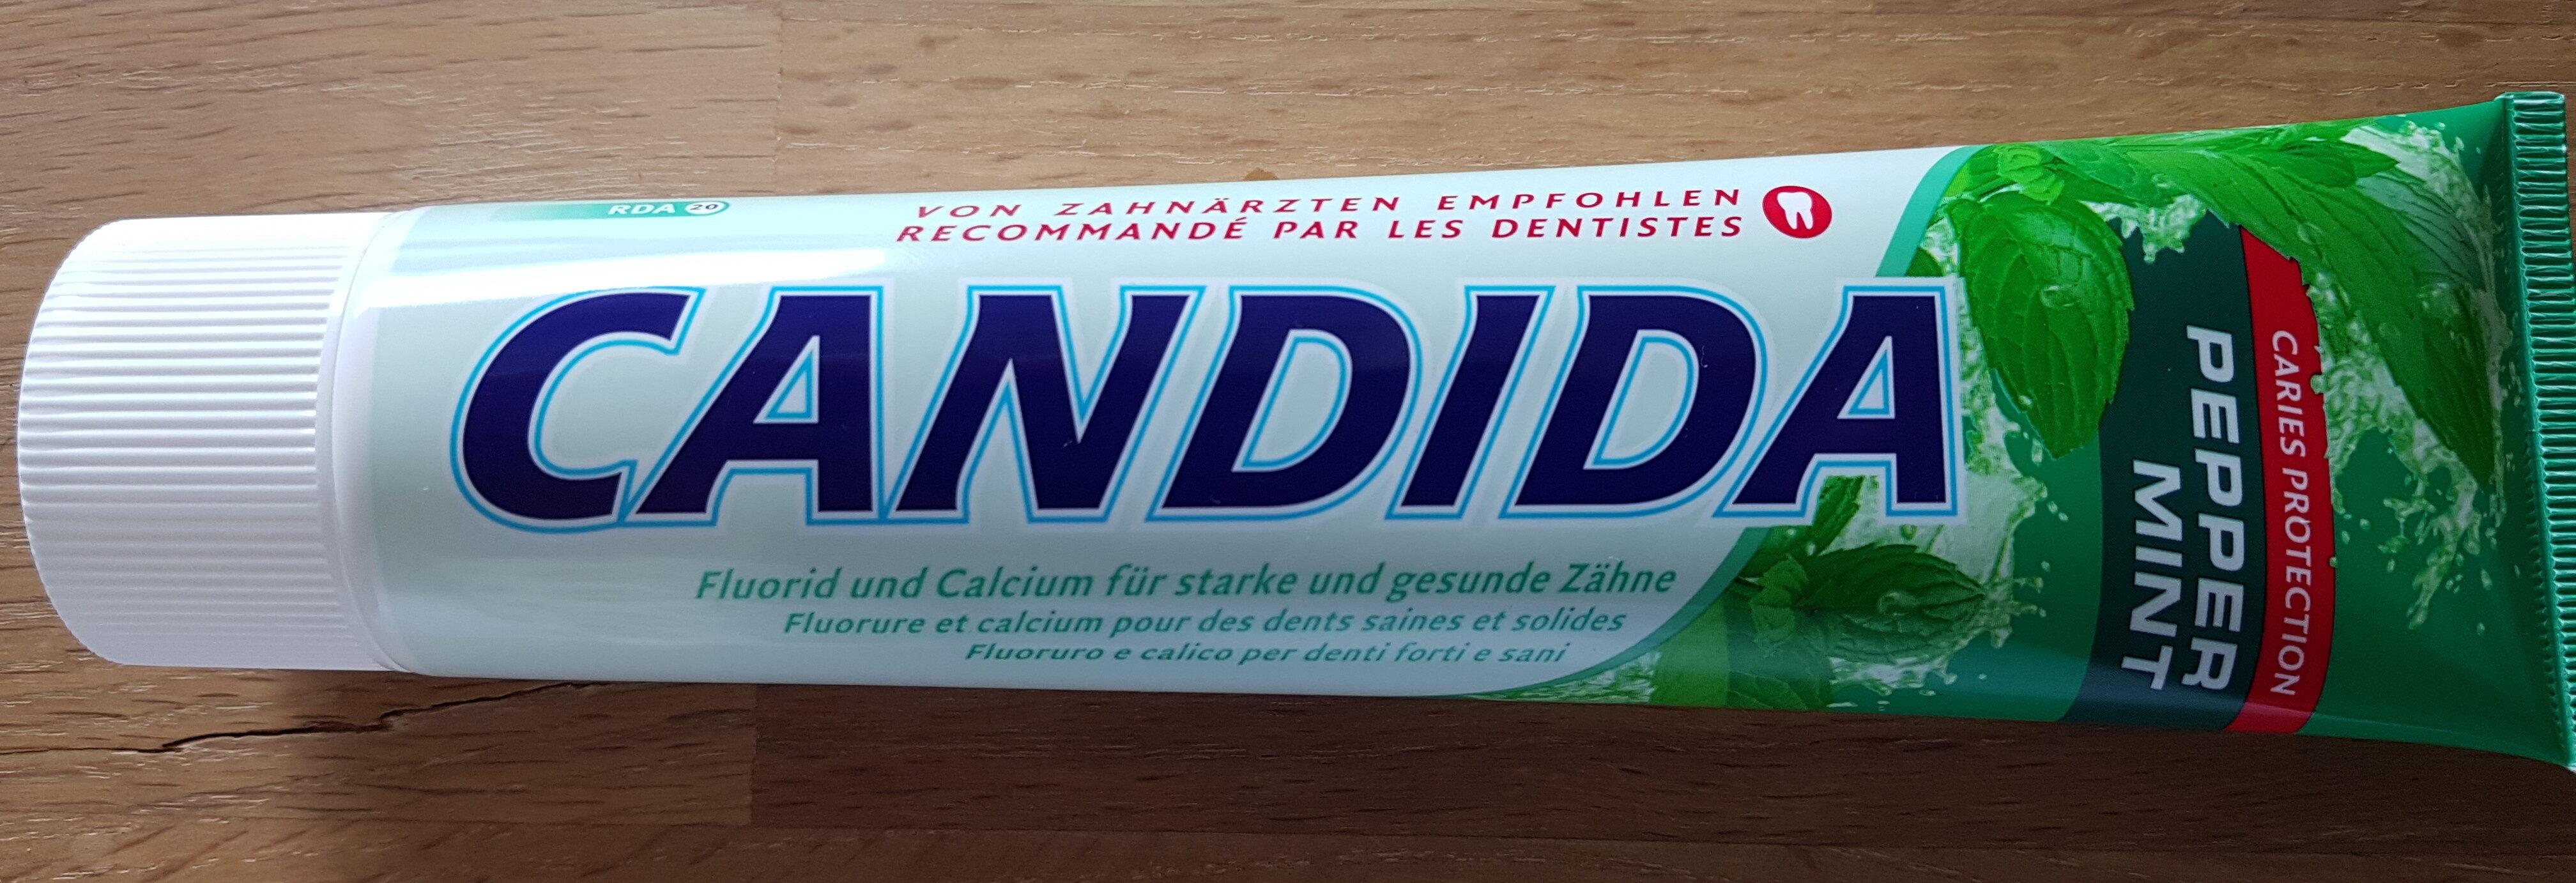 Dentifrice - Prodotto - fr